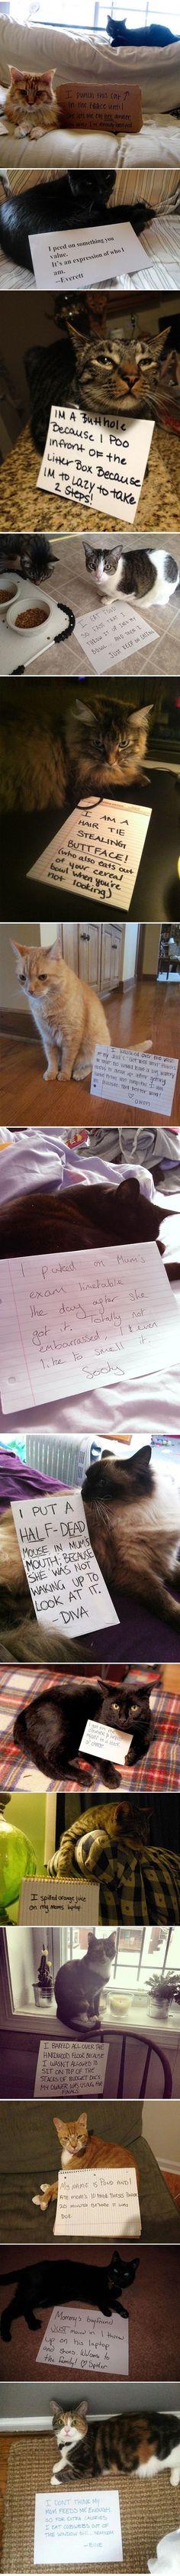 Cat punishment lol!